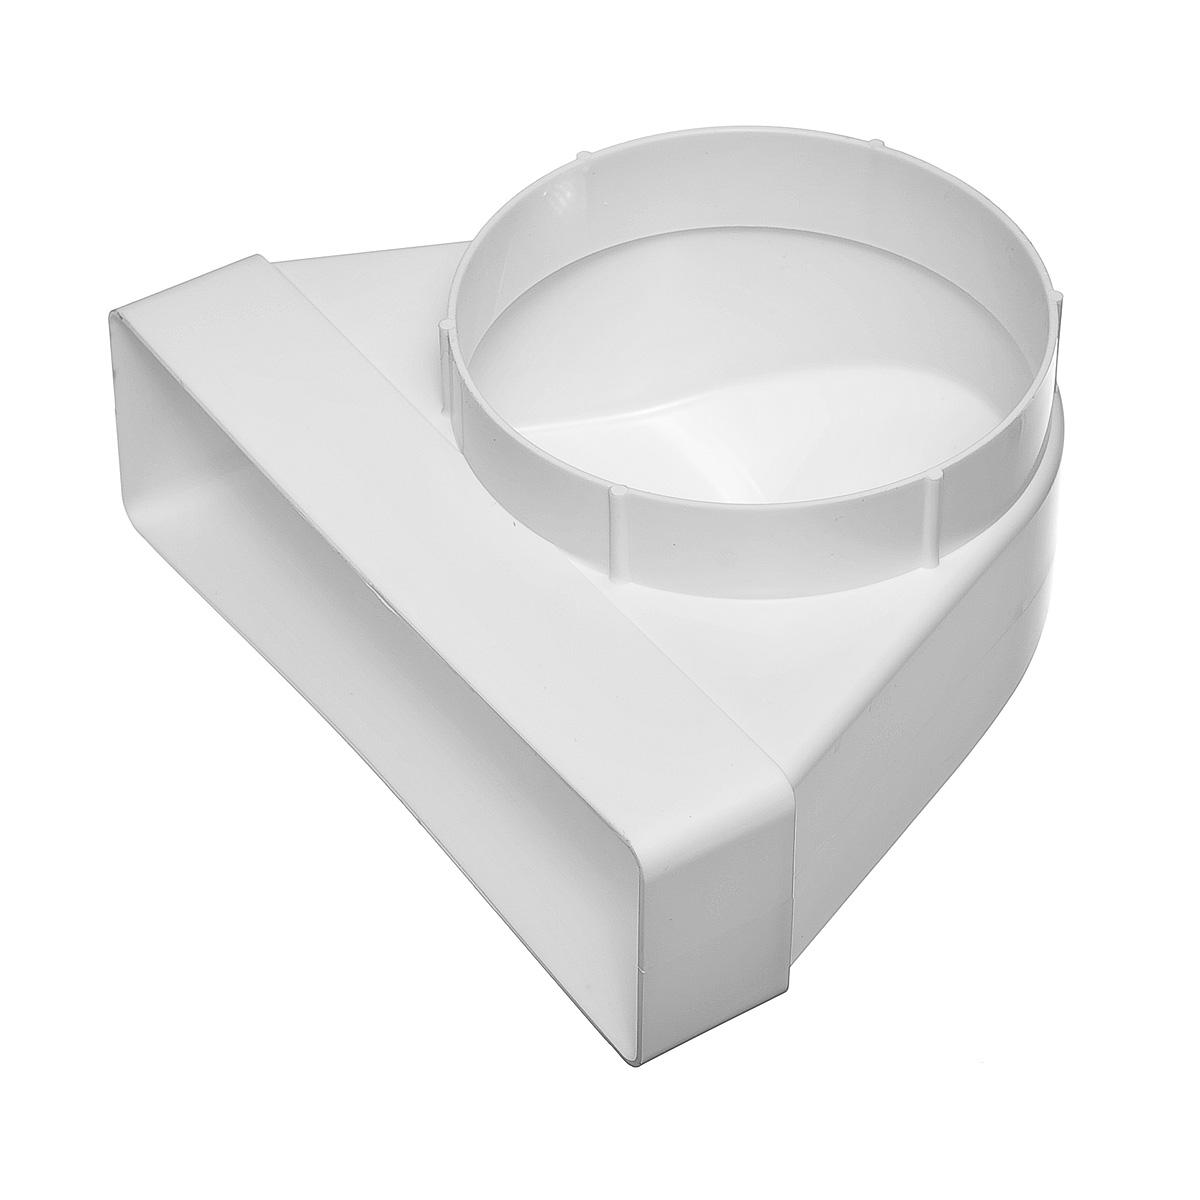 Переход угловой 90º пластиковый для вентиляционных коробов 60х204 мм с круглыми D125 мм фото